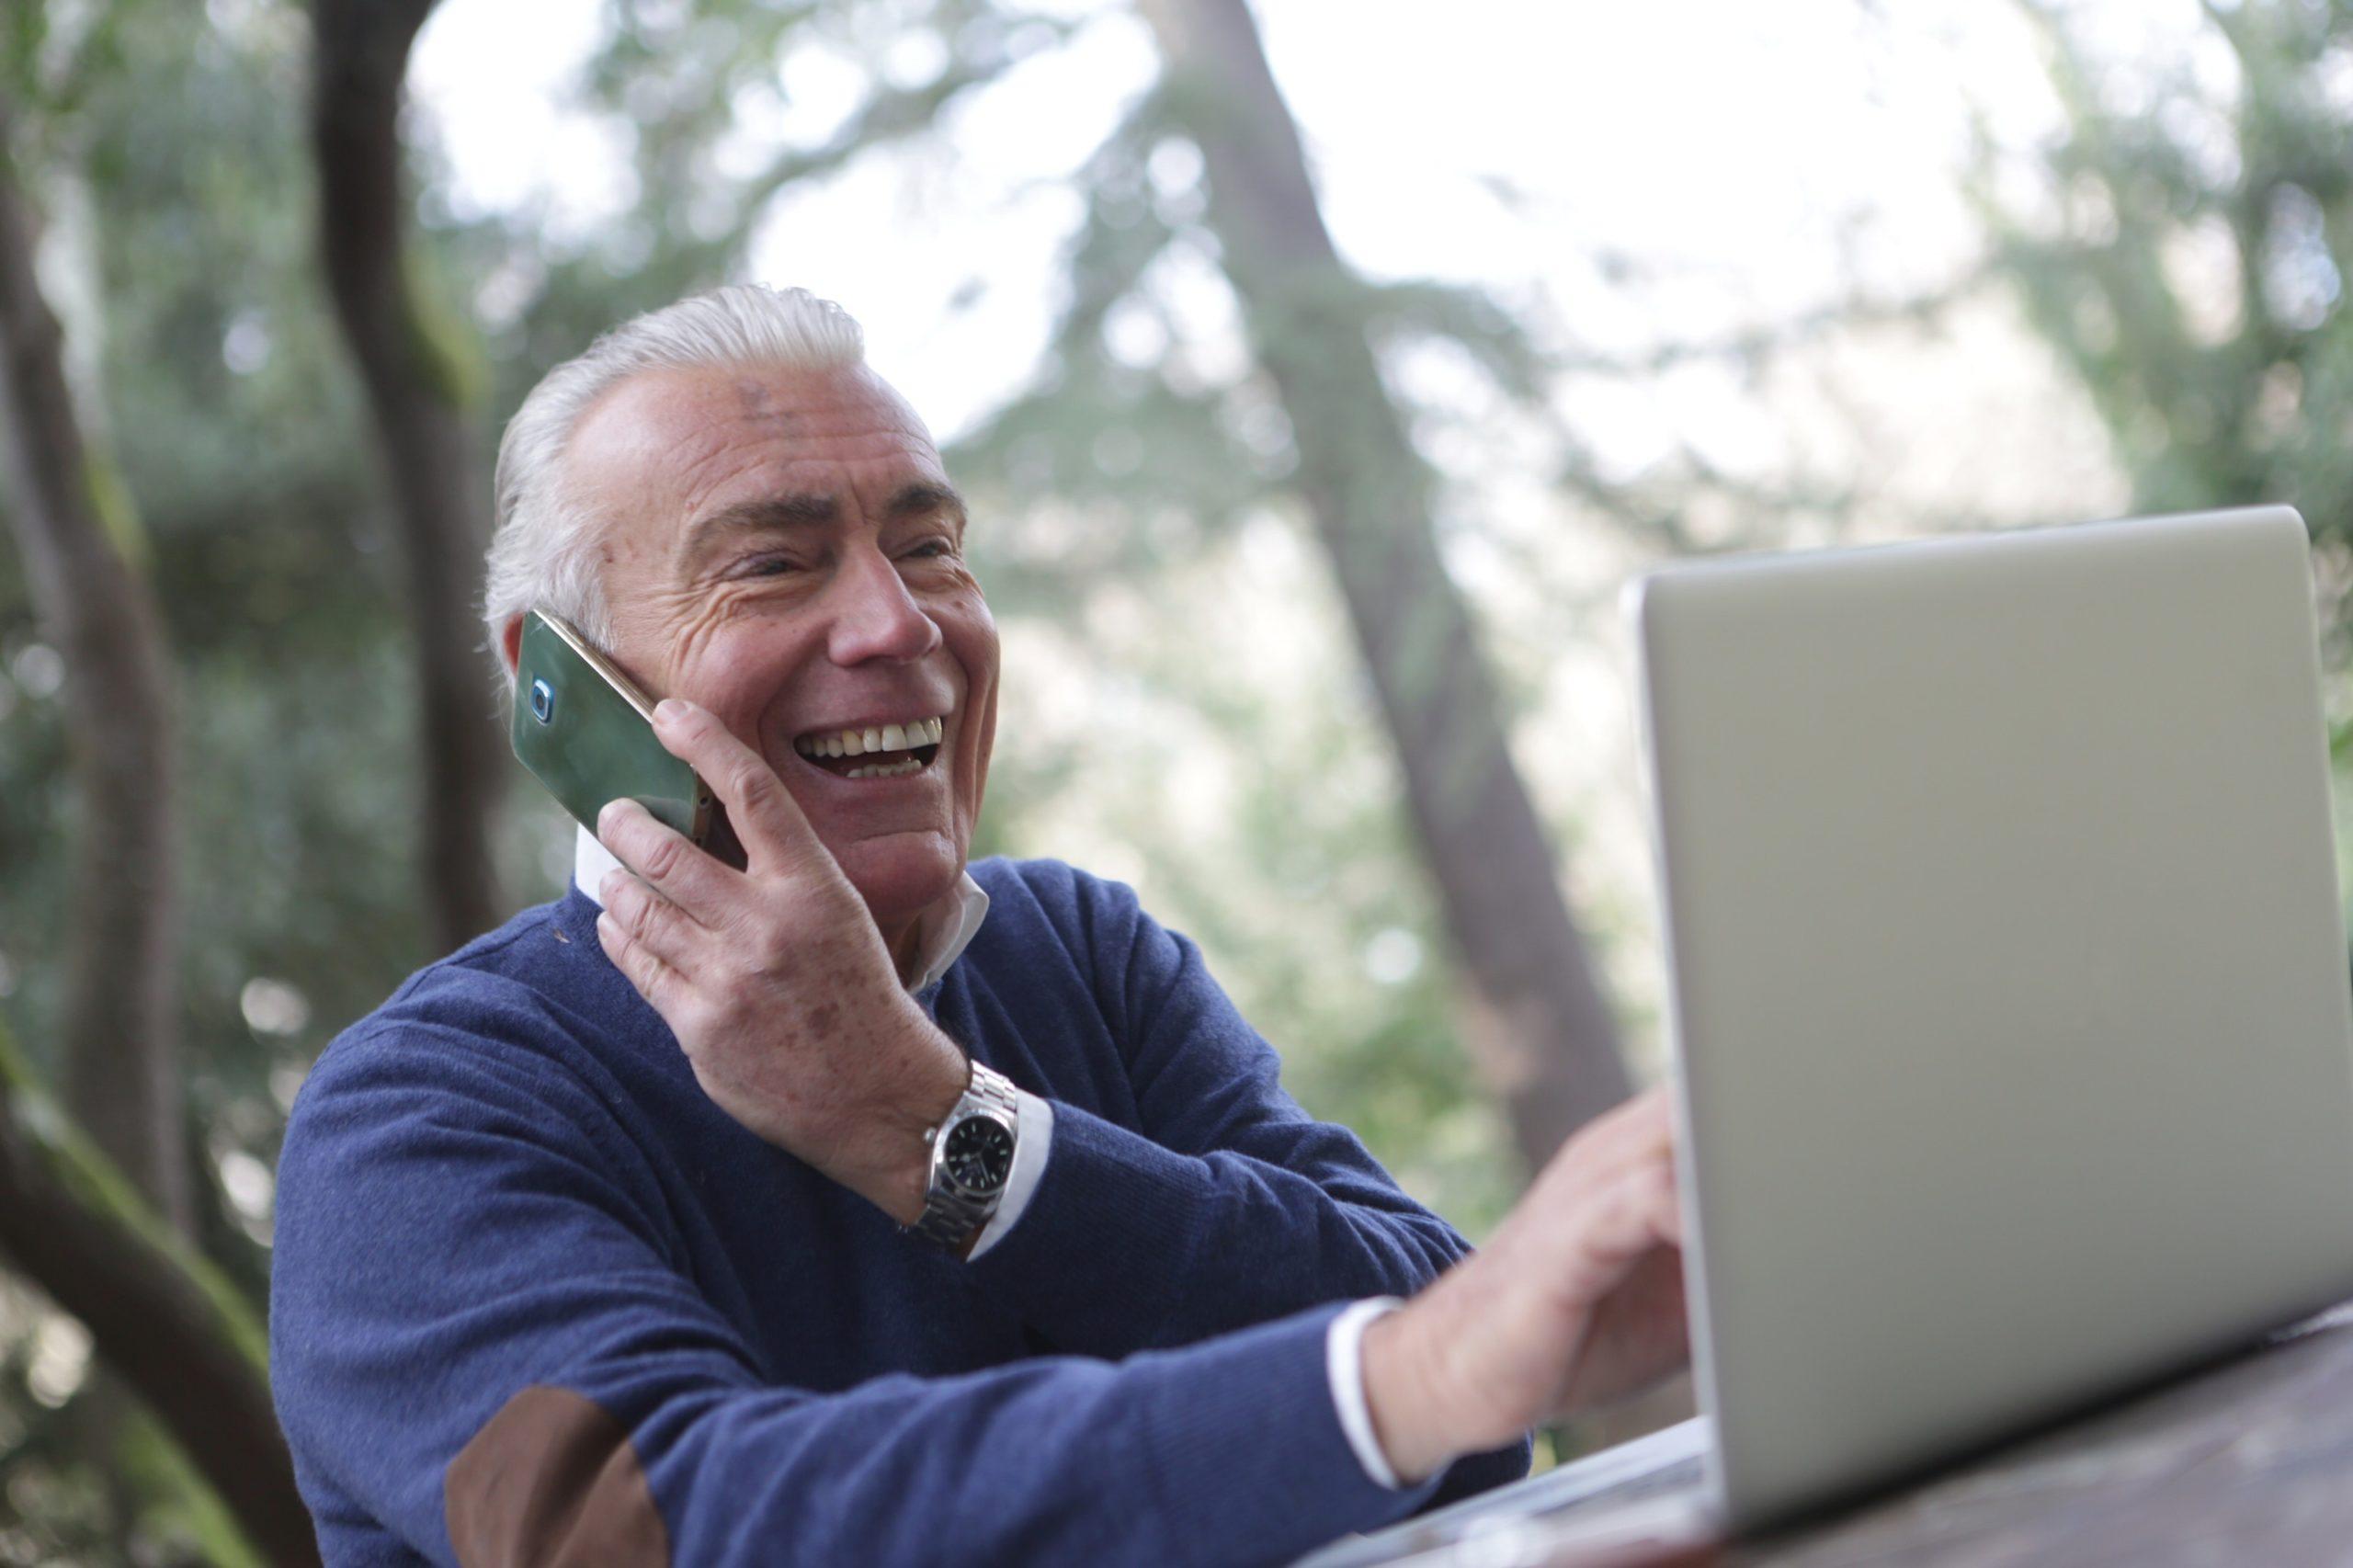 מבוגר עם מחשב נייד וטלפון